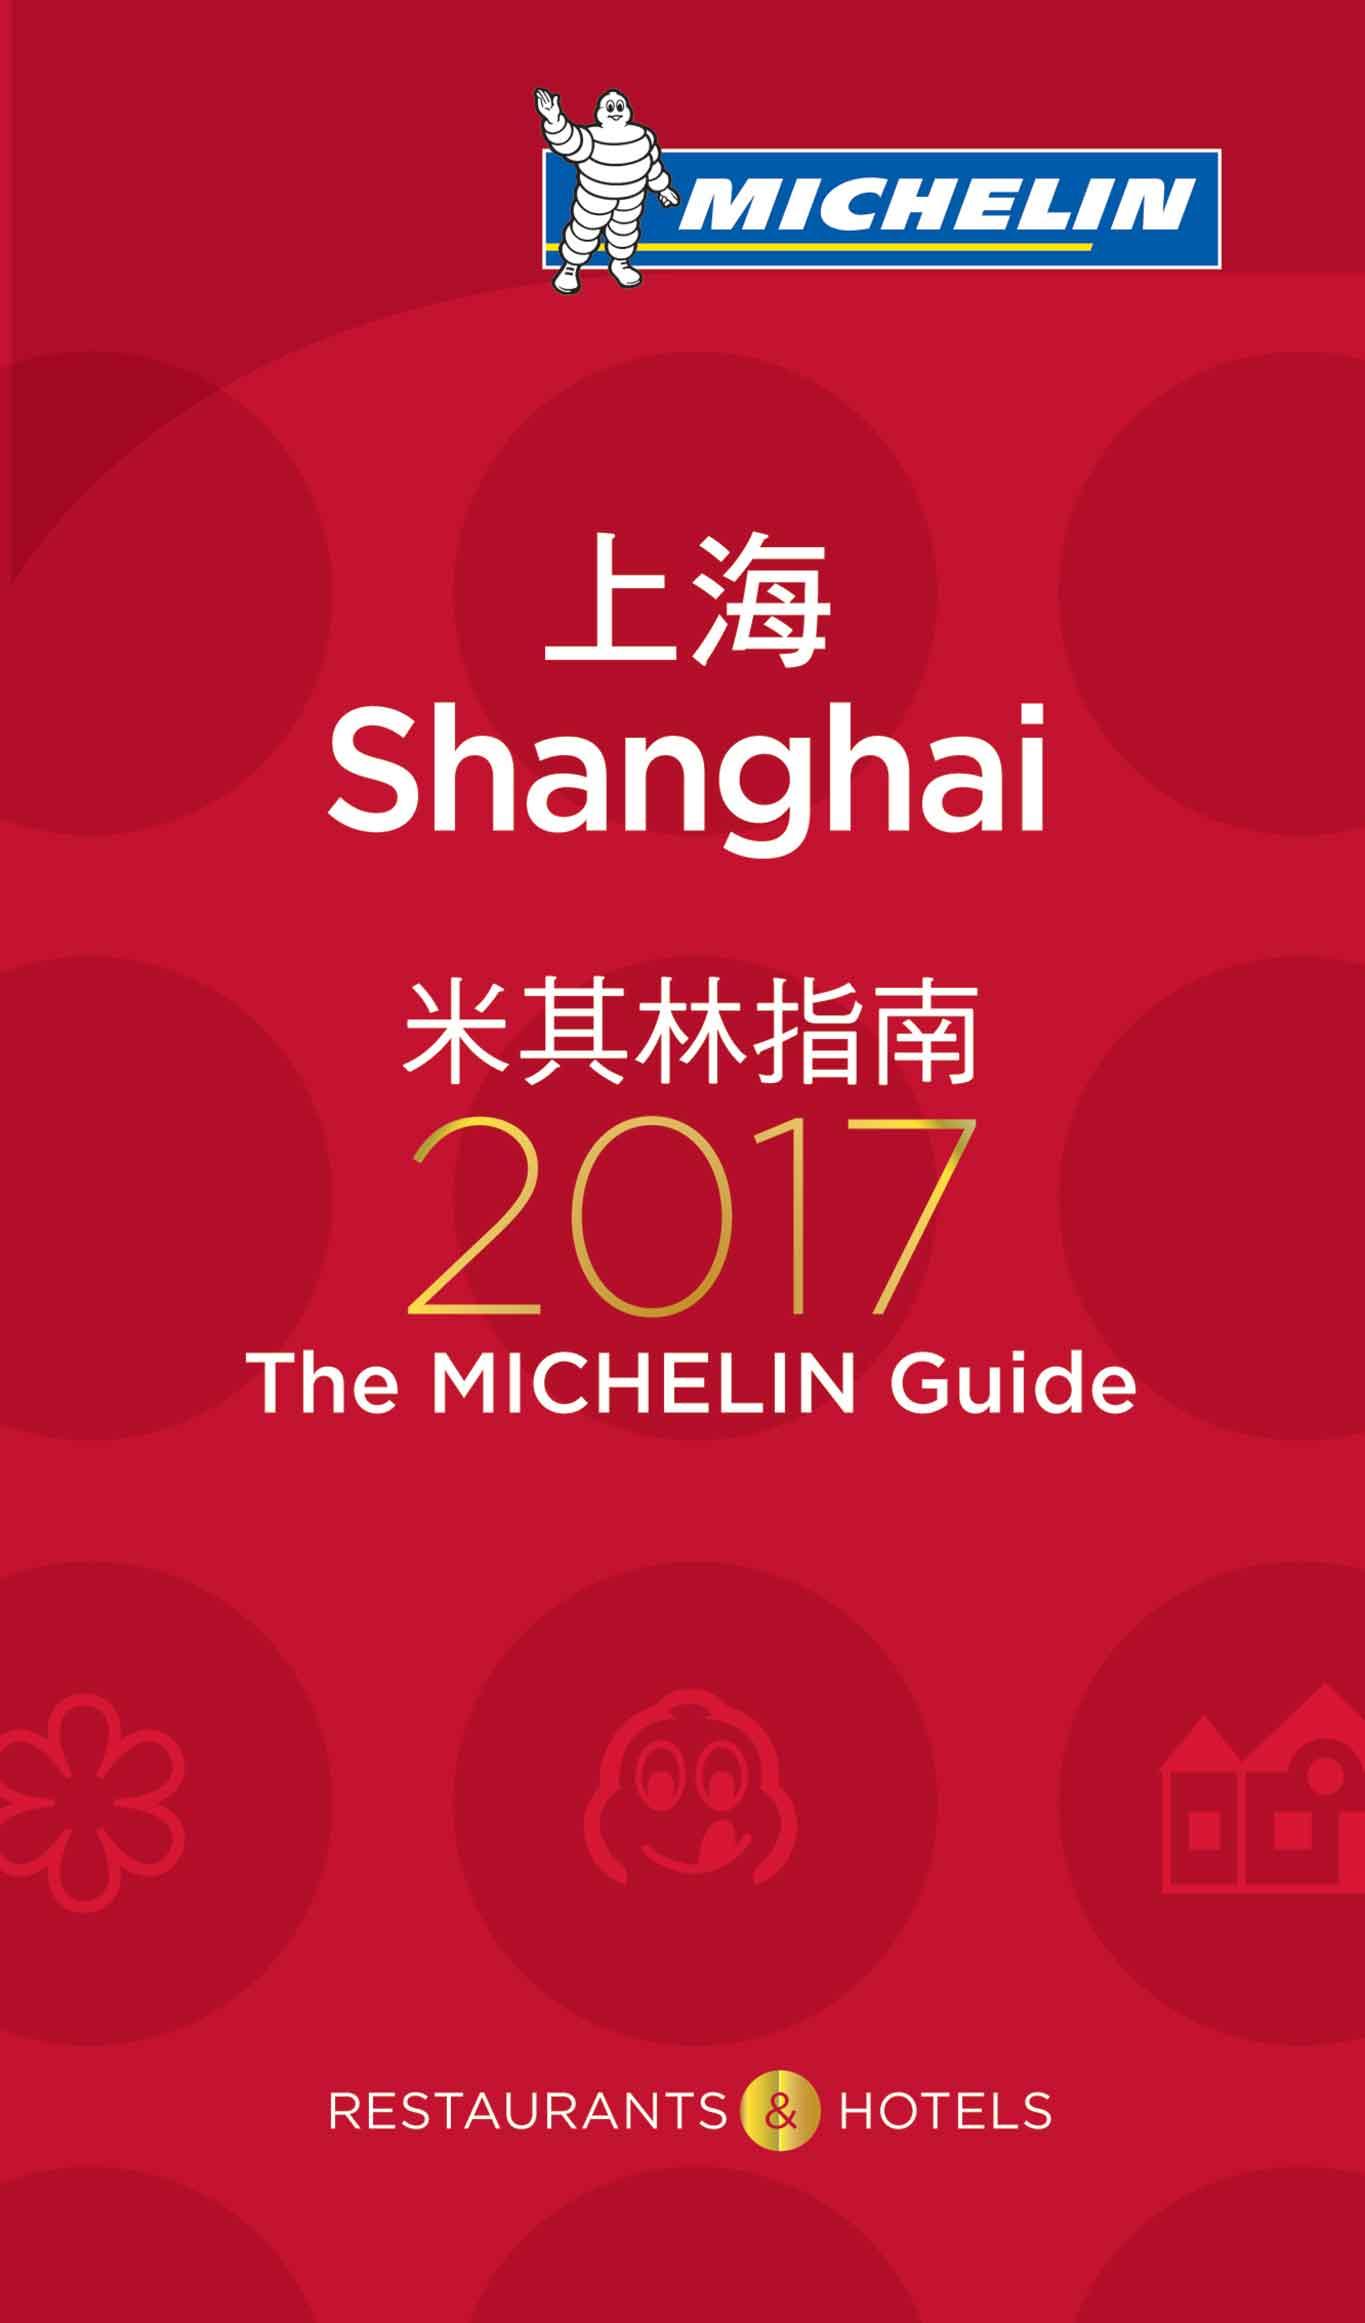 michelin shanghai 2017